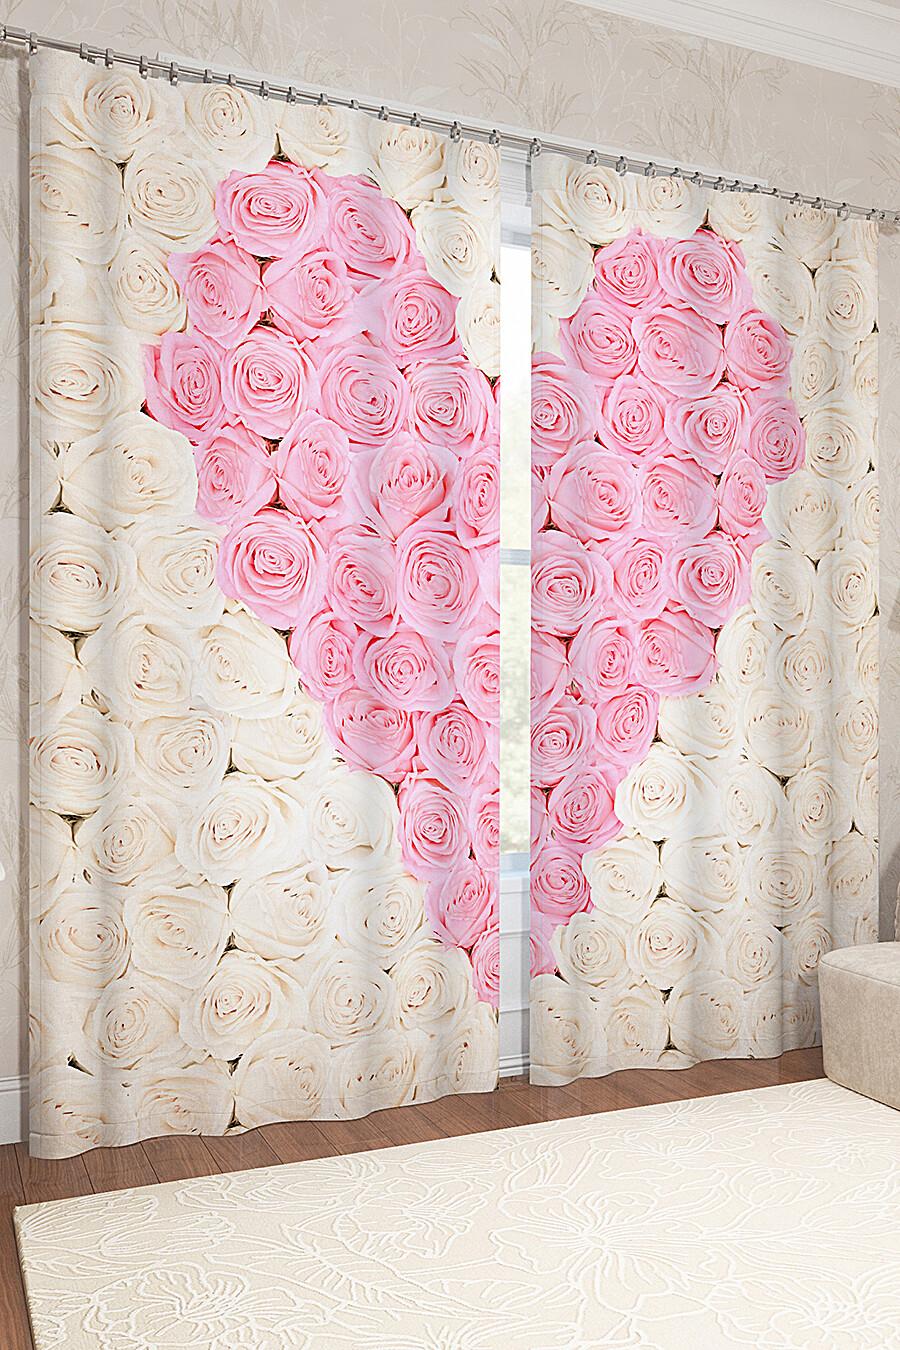 Фотошторы для дома ART HOME TEXTILE 123831 купить оптом от производителя. Совместная покупка товаров для дома в OptMoyo